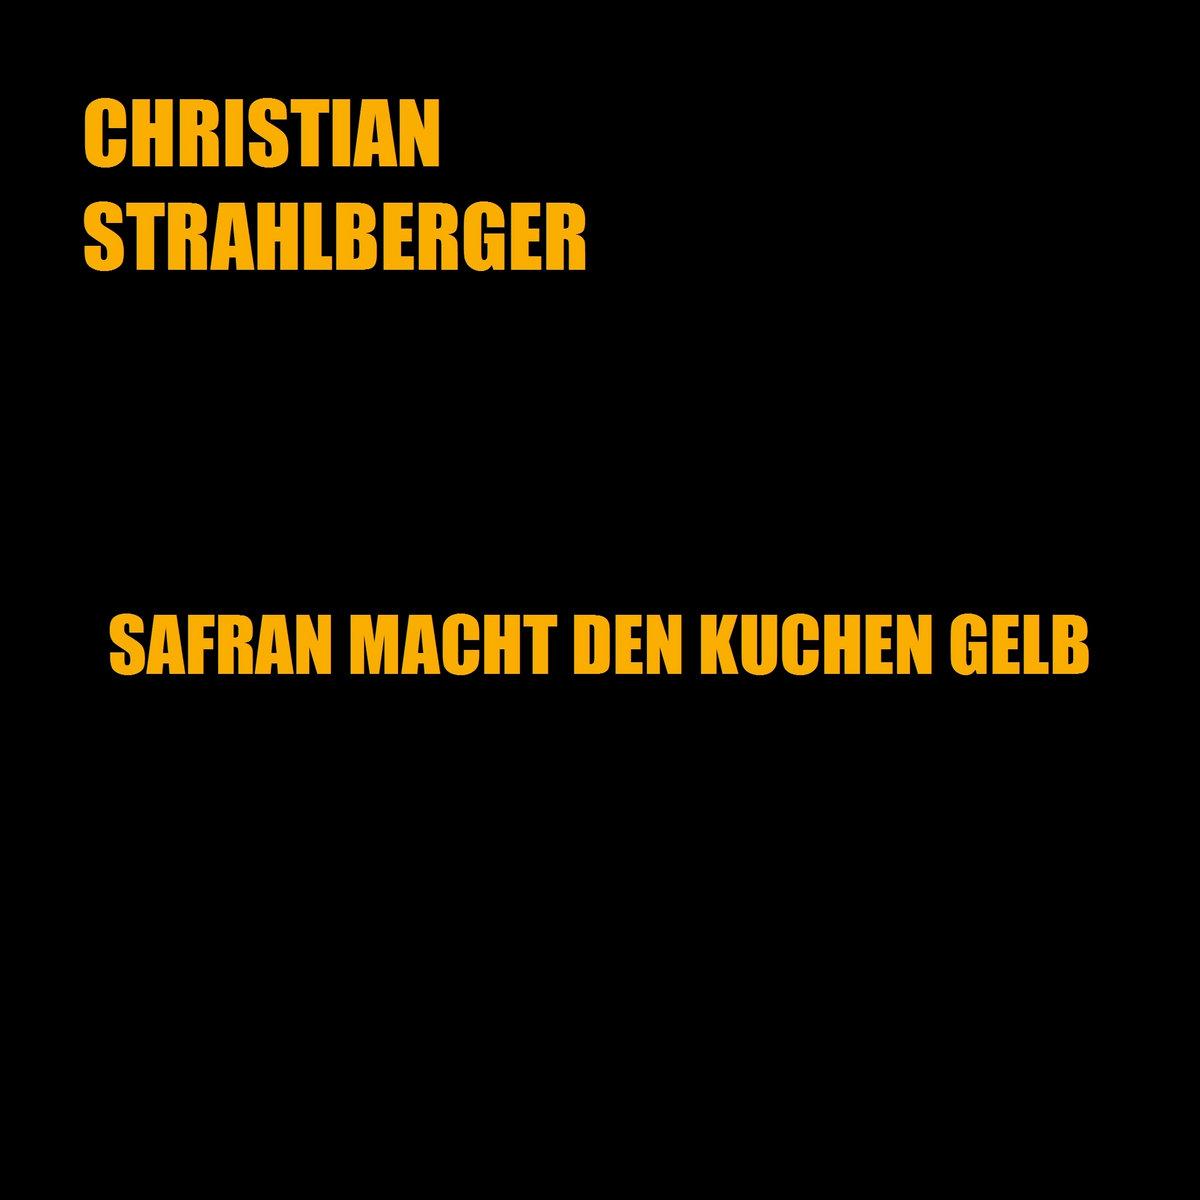 Safran Macht Den Kuchen Gelb Christian Strahlberger